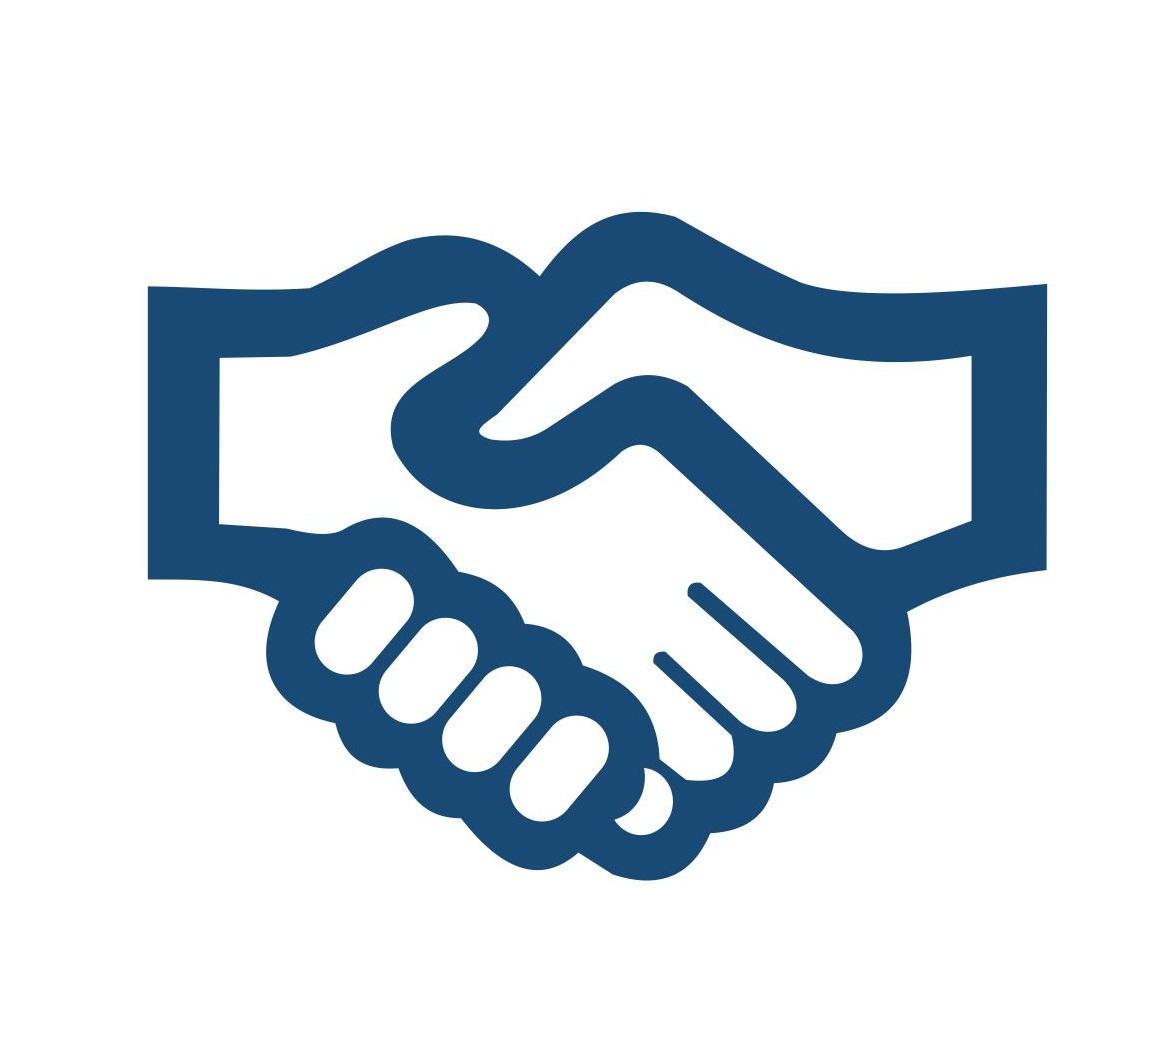 Довгострокові партнерські взаємовідносини